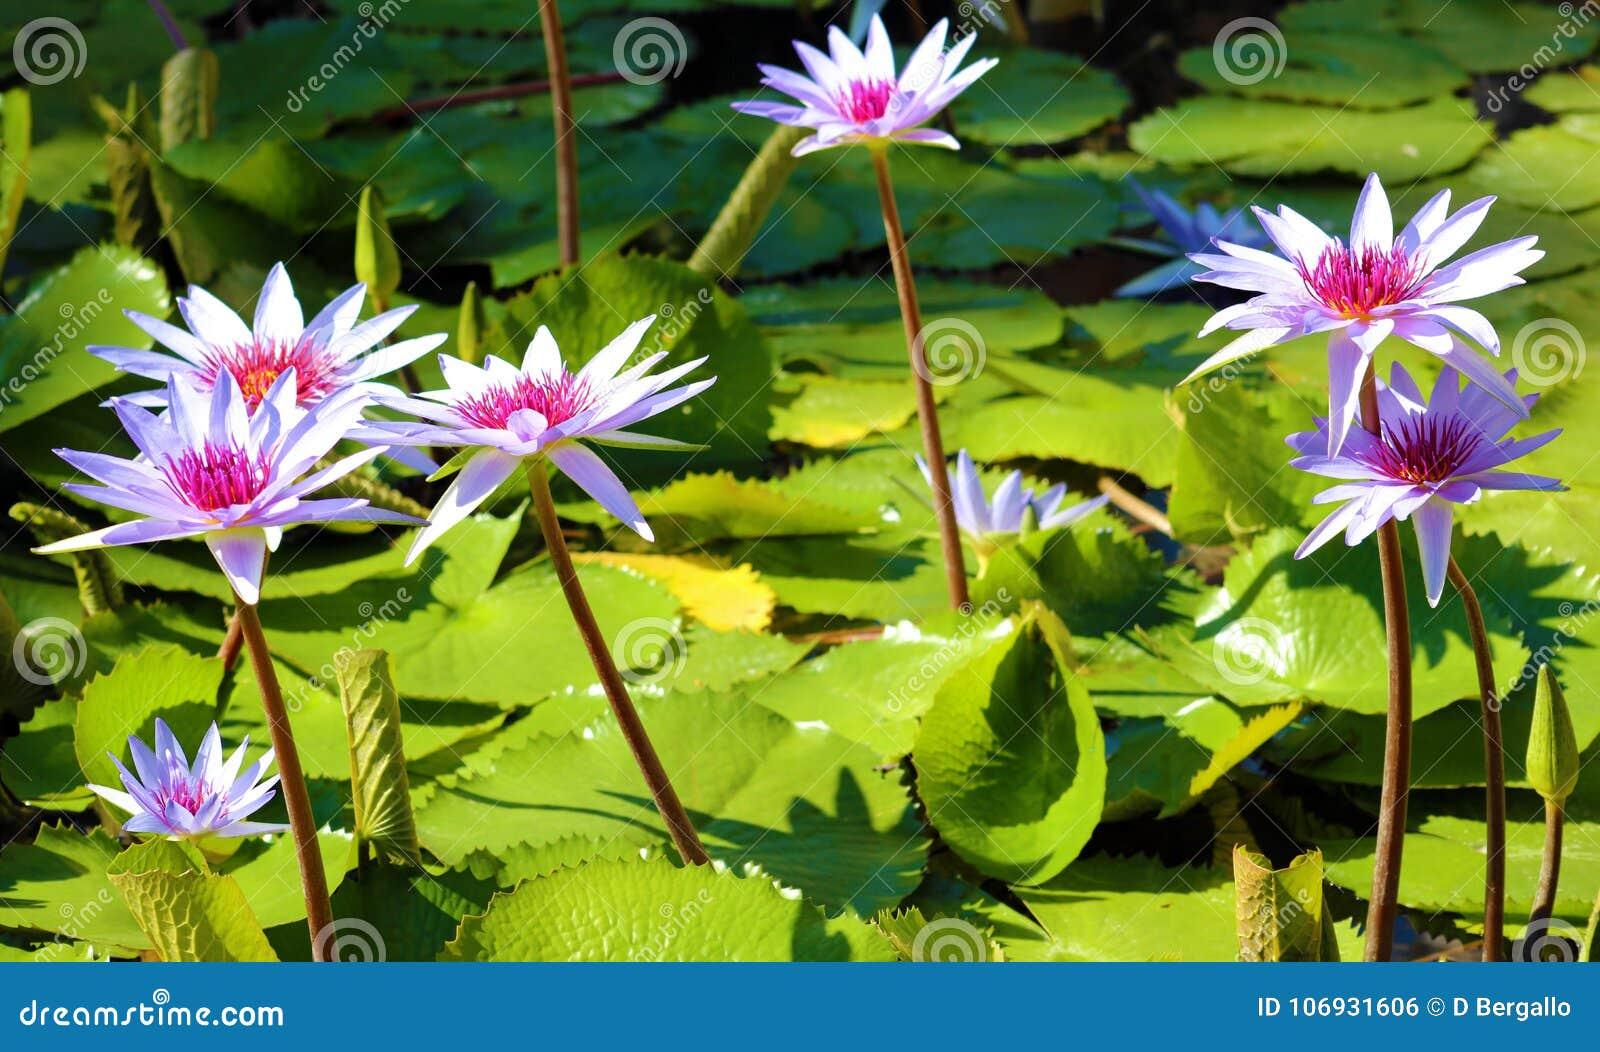 Lily Flower Loto Purple Flor De Loto Beautful Colors Stock Photo